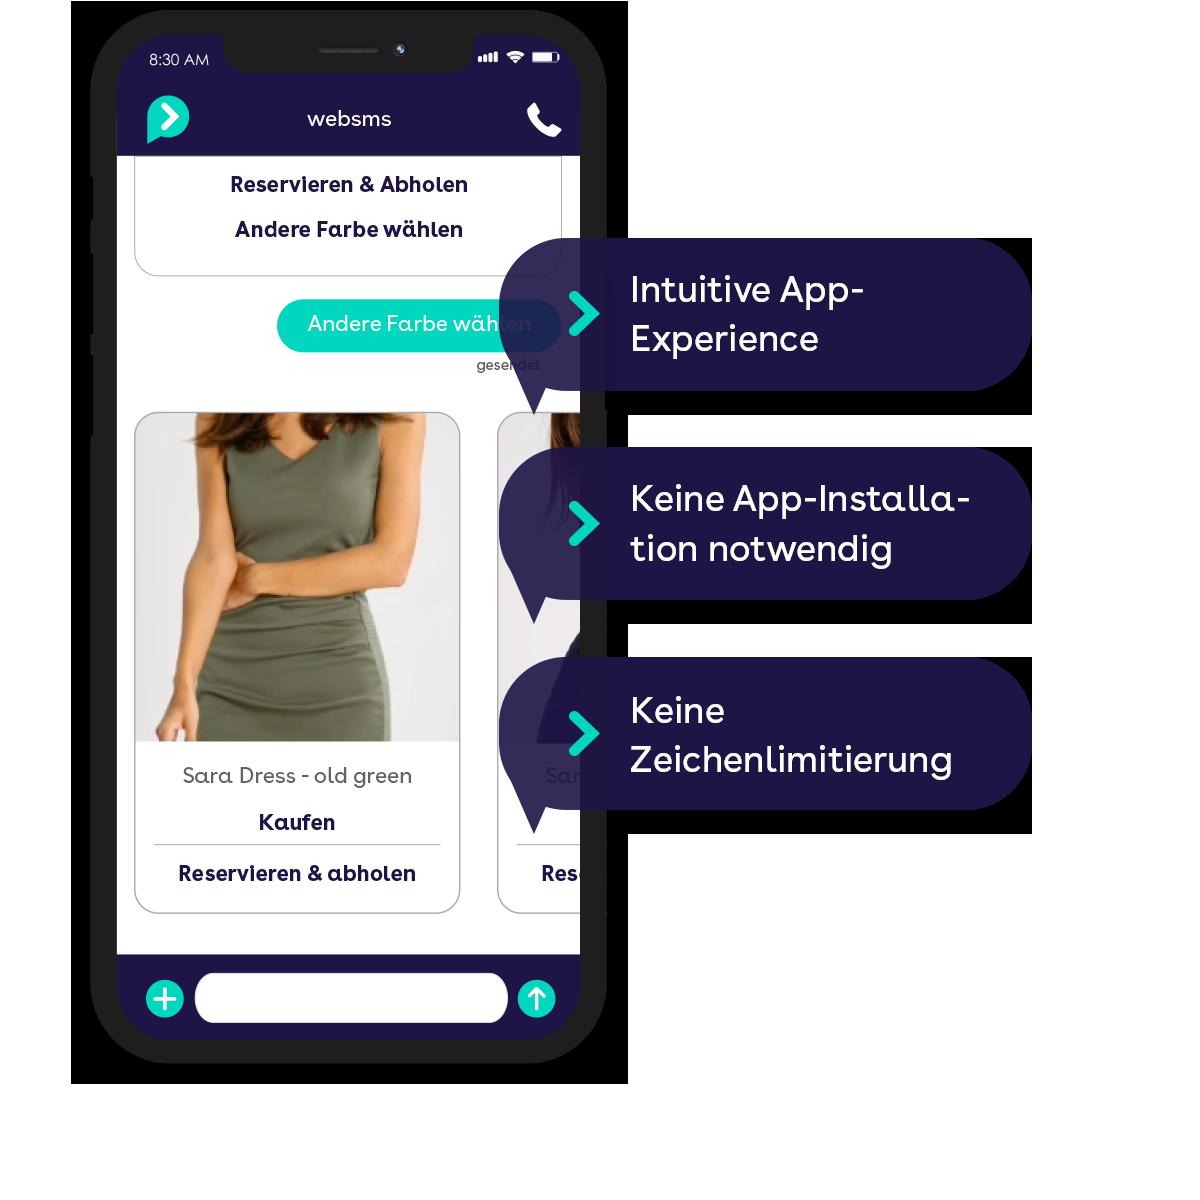 websms - Vorteile von Rich Communication Services: Sie bieten intuitive App-Experience. Es ist keine App-Installation nötig und es gibt keine Zeichenlimitierung